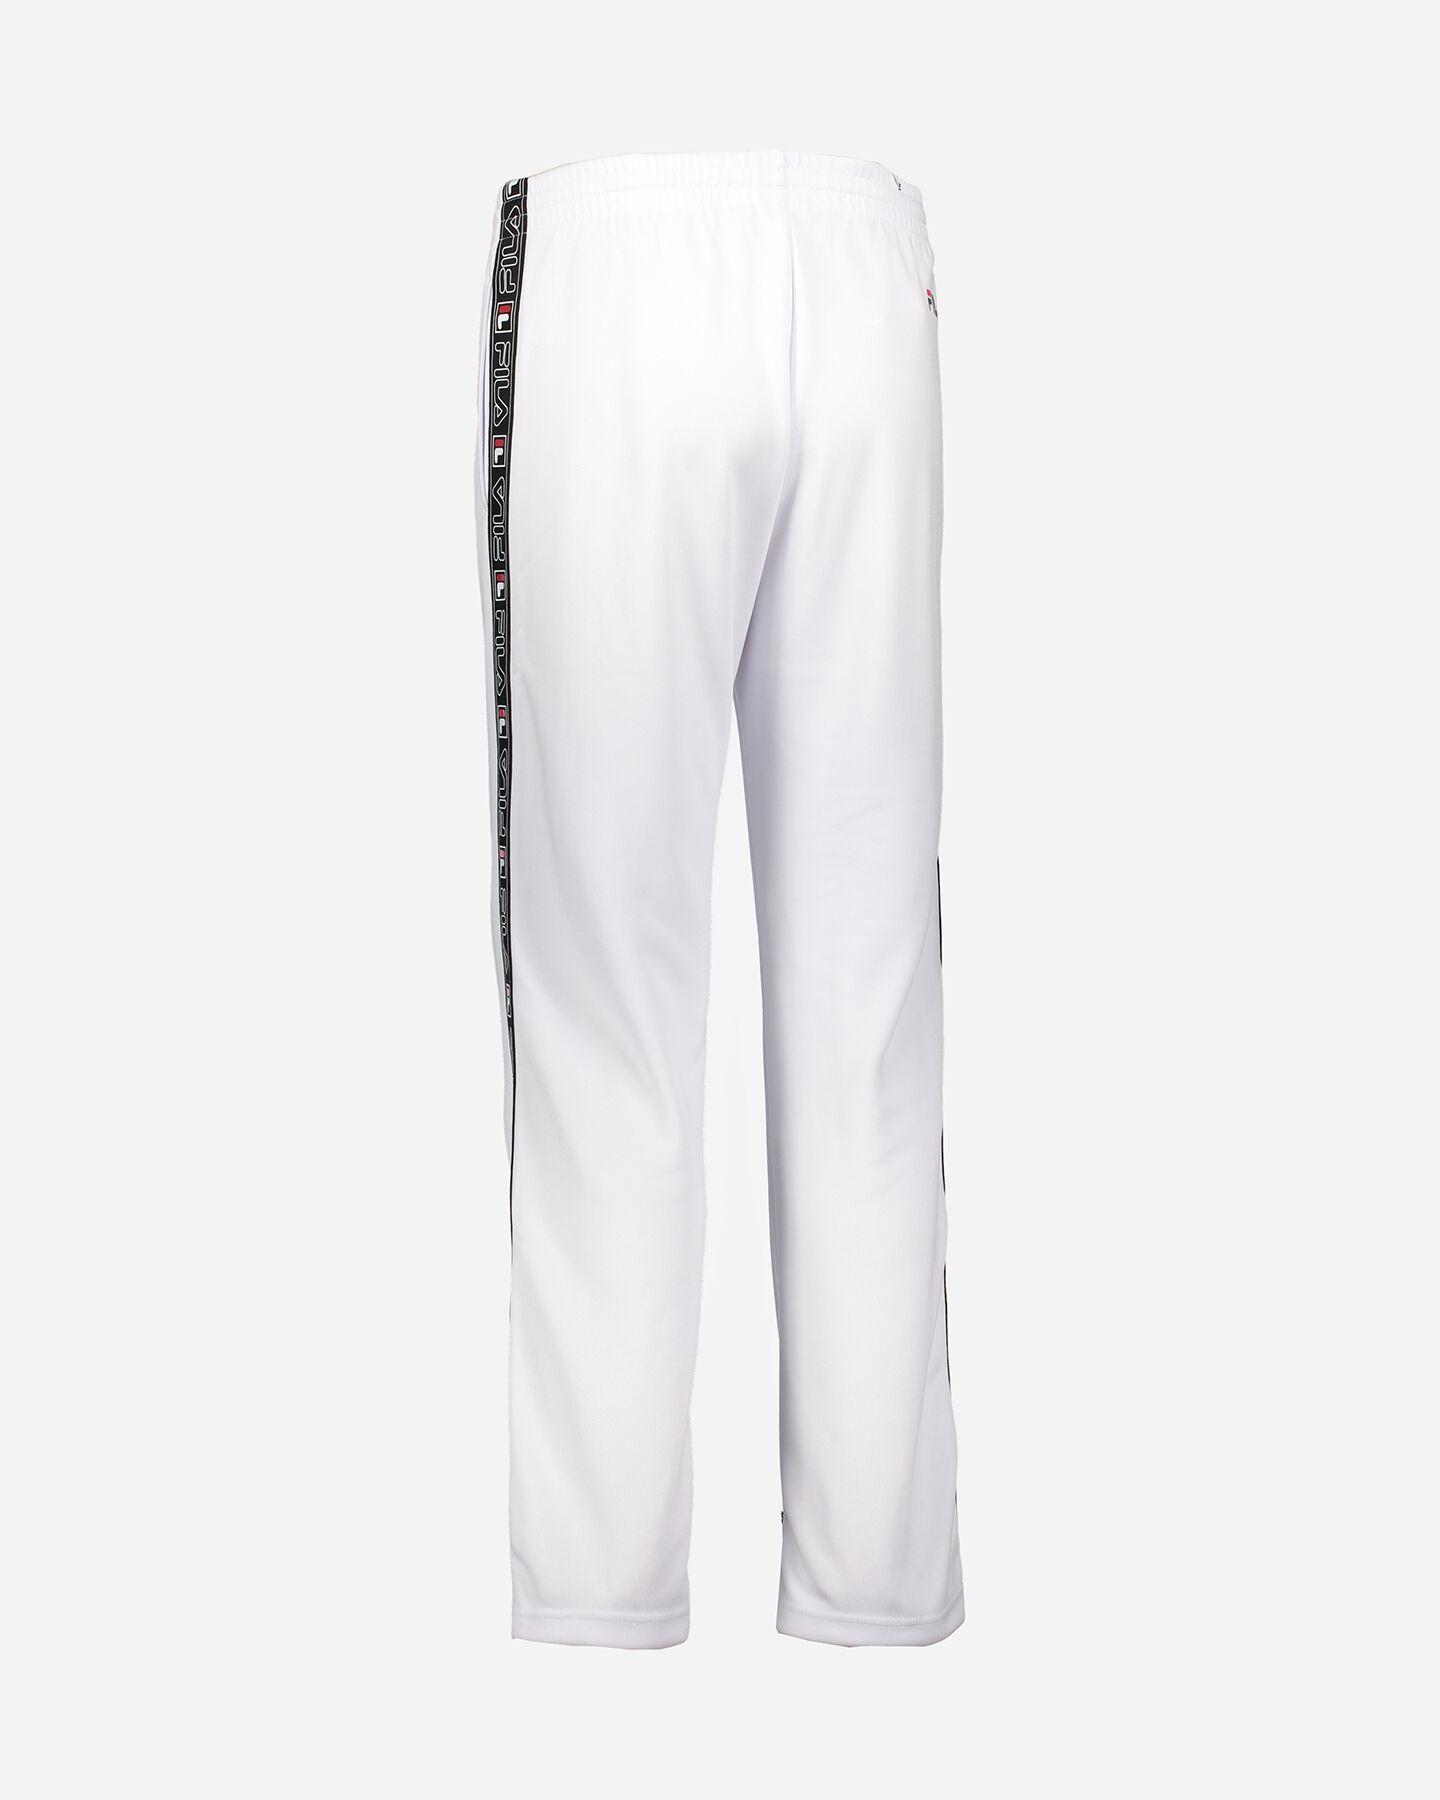 Pantalone FILA CLASSIC BANDA W S4074262 scatto 5